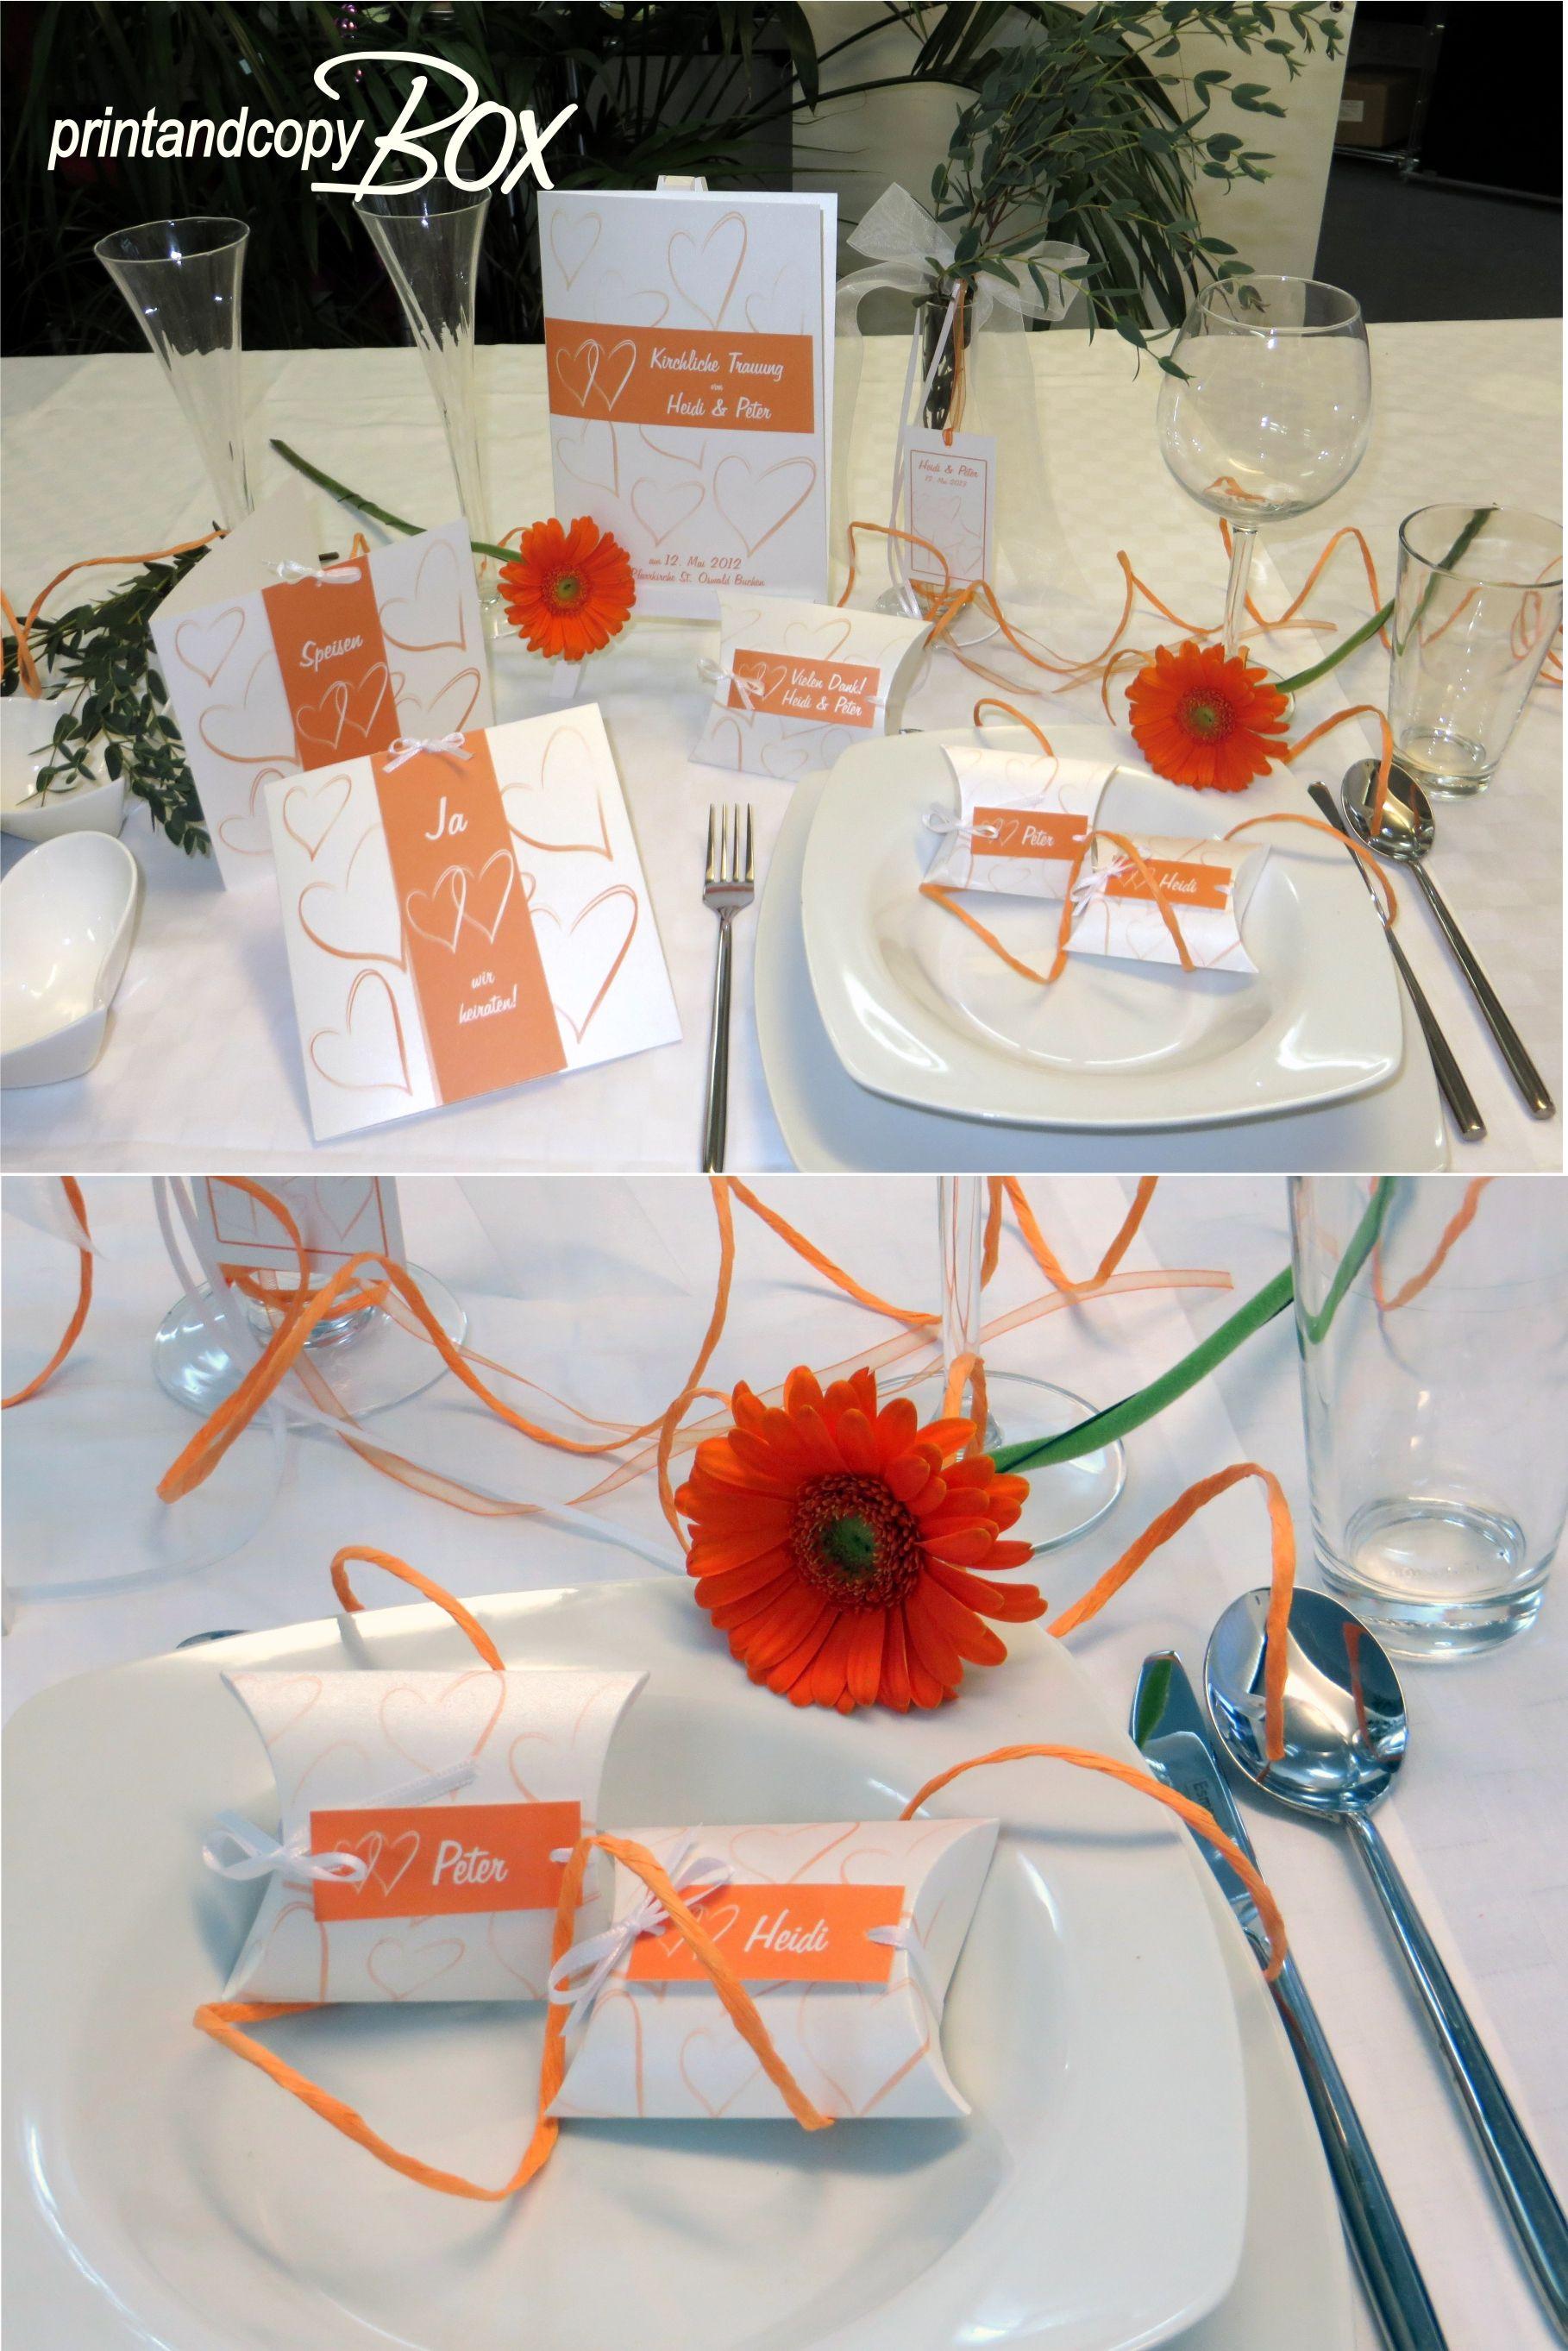 Hochzeitspapterie mit frischen orangen Details.